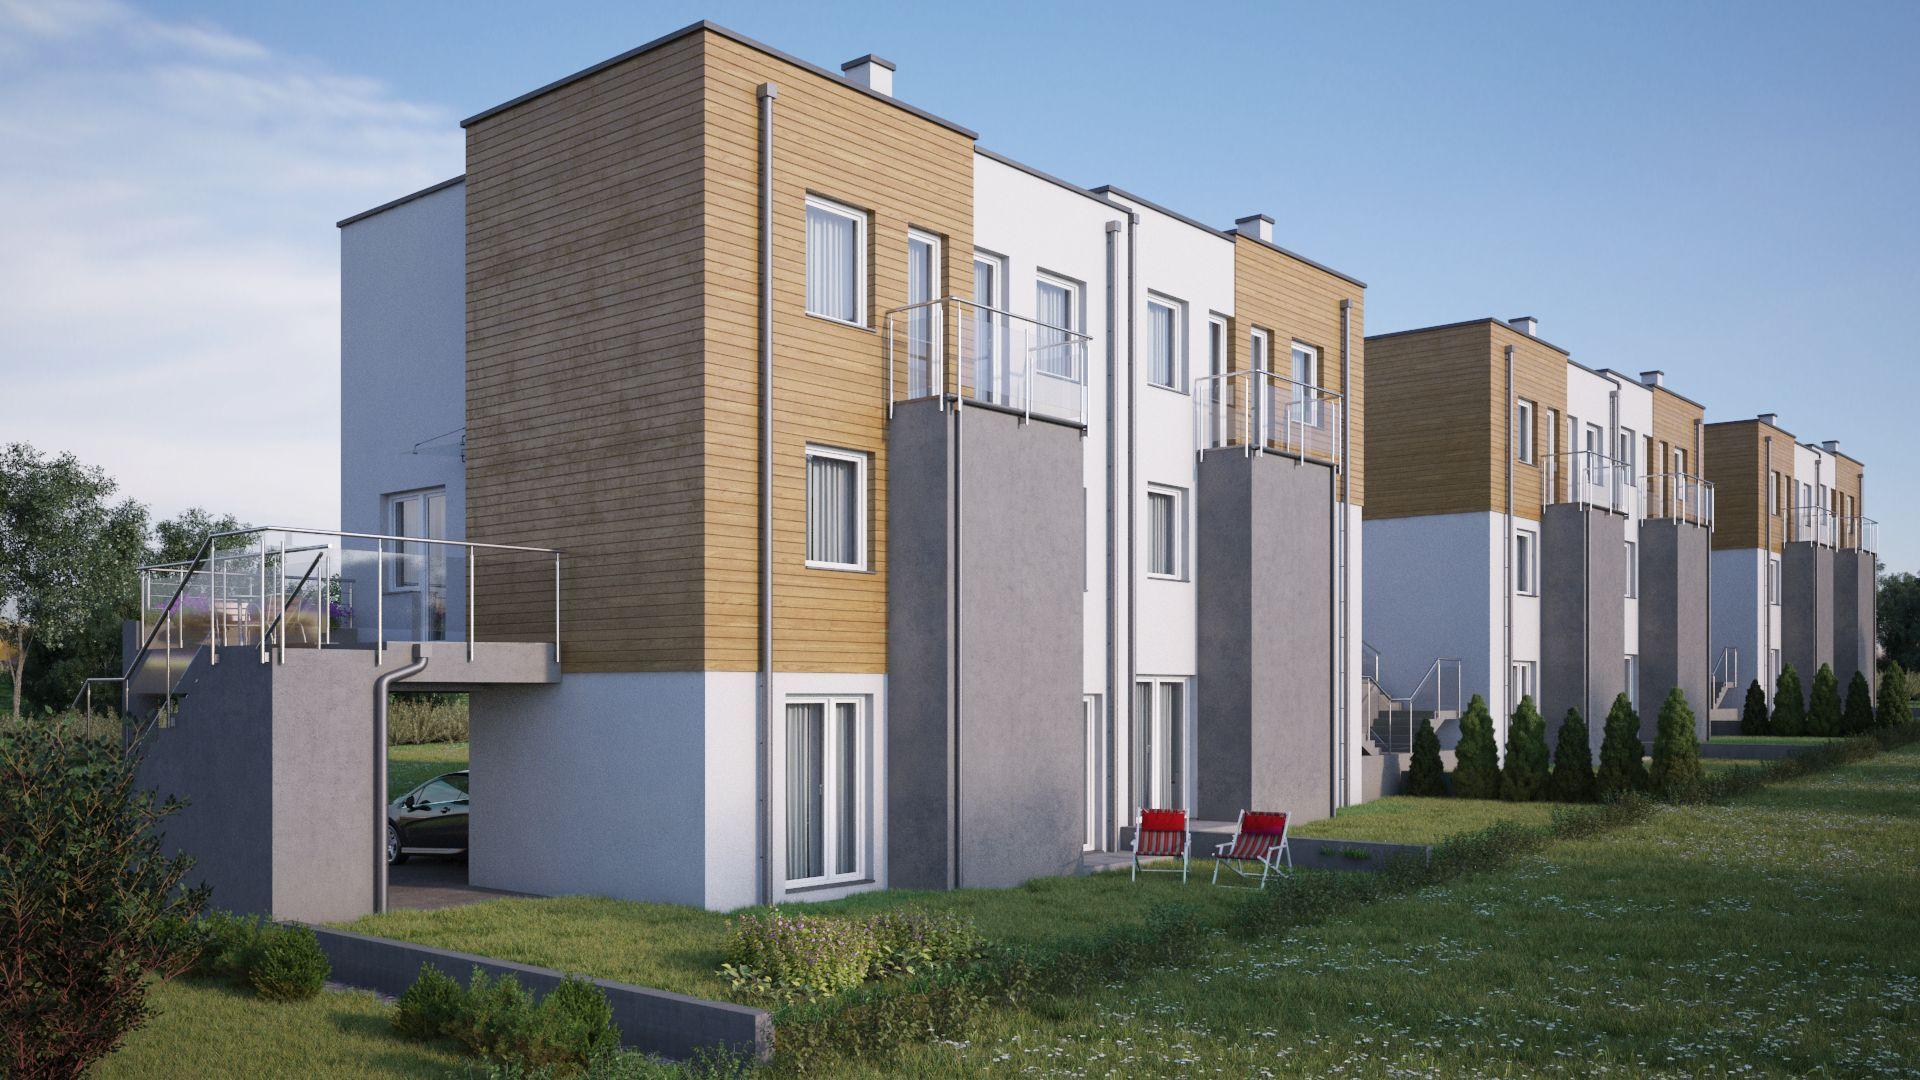 Kraków: Ogrody Prądnika – ruszyła budowa nowych, piętrowych apartamentów